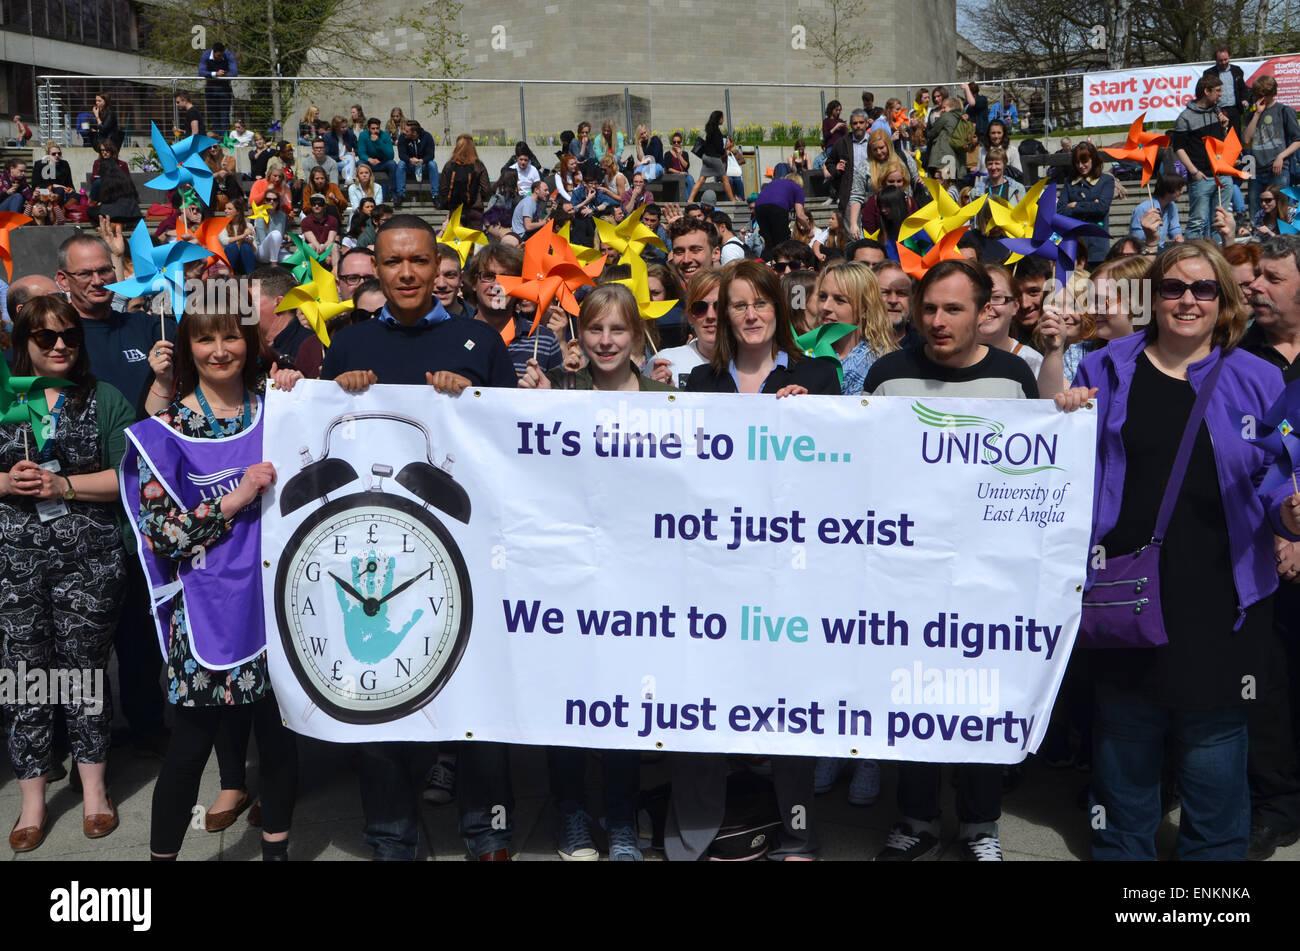 UNISON viva protesta dei salari sull'UEA campus e Norwich Sud candidato del lavoro Clive Lewis, Aprile 2015 Immagini Stock